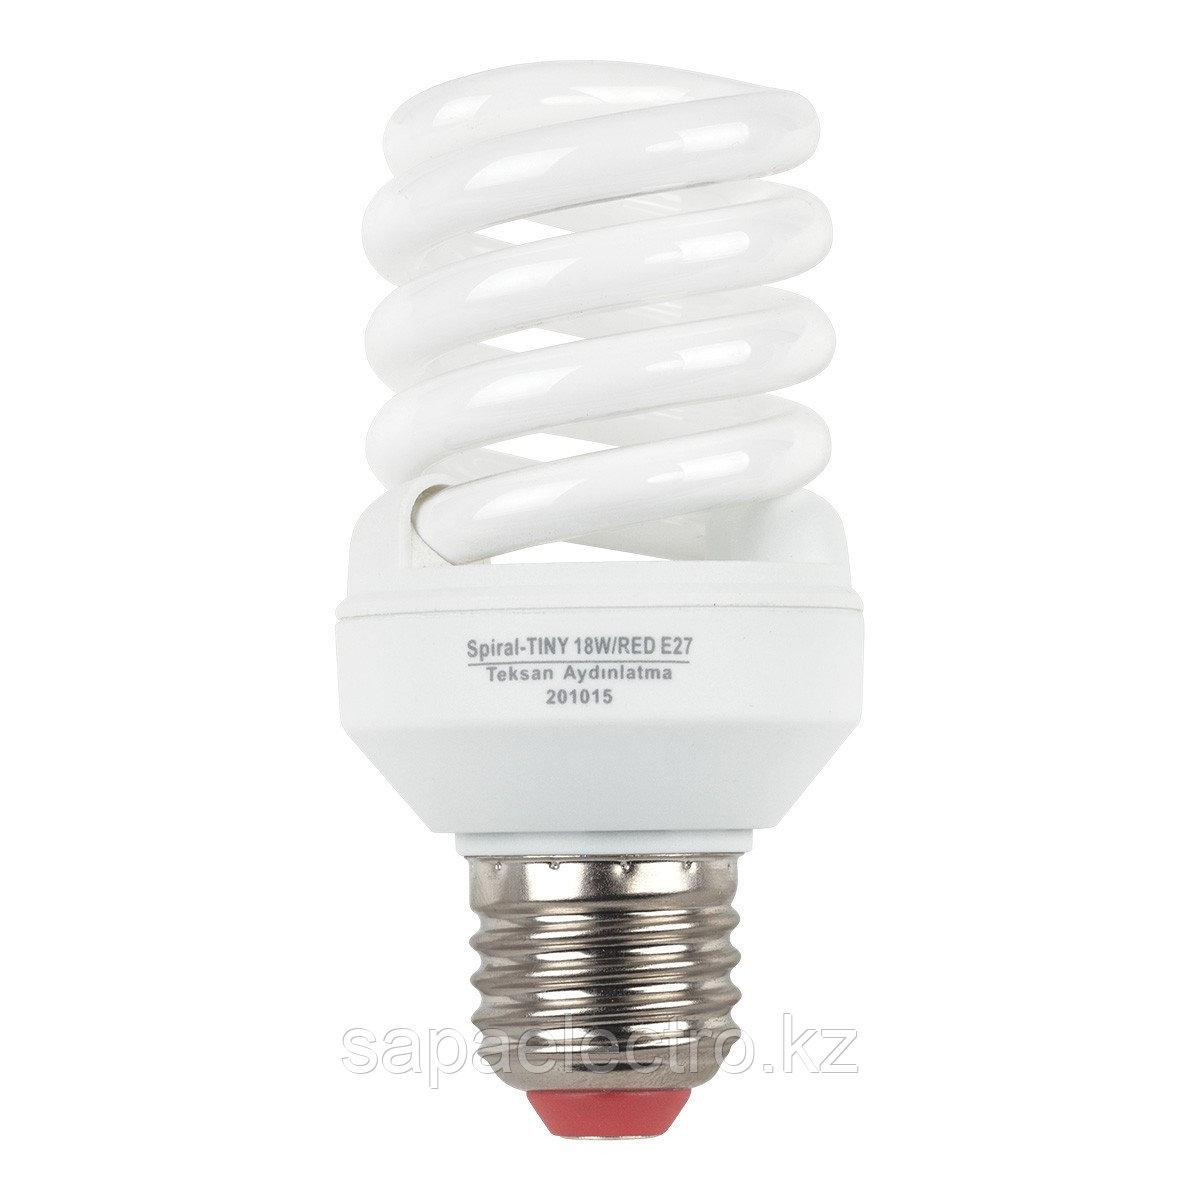 Лампа SPIRAL TINY  18W   E27  BLUE (TL) 100шт